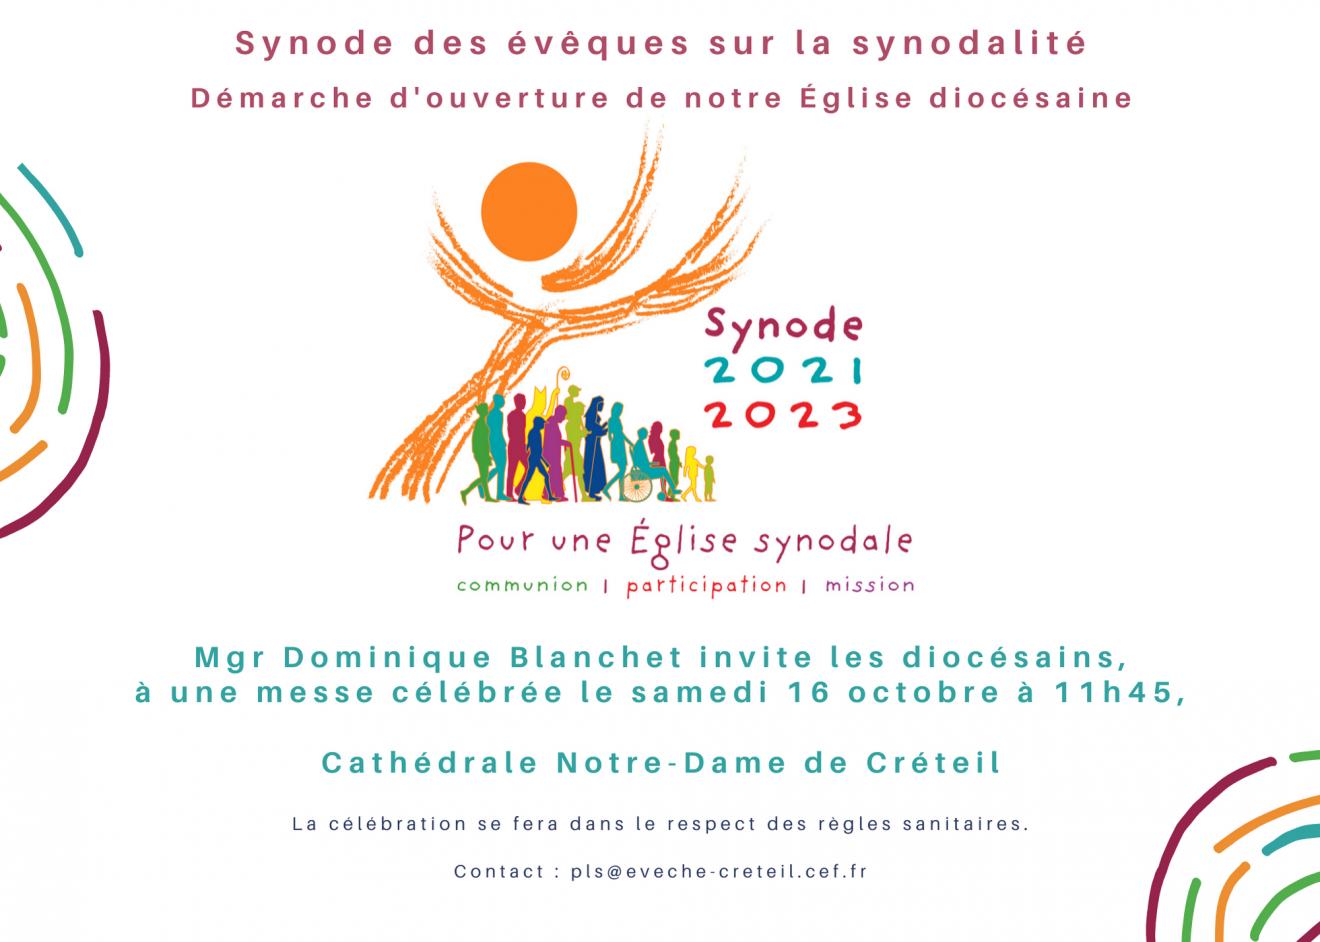 Synode des évêques :  Messe de lancement de la phase diocésaine samedi 16 octobre 2021